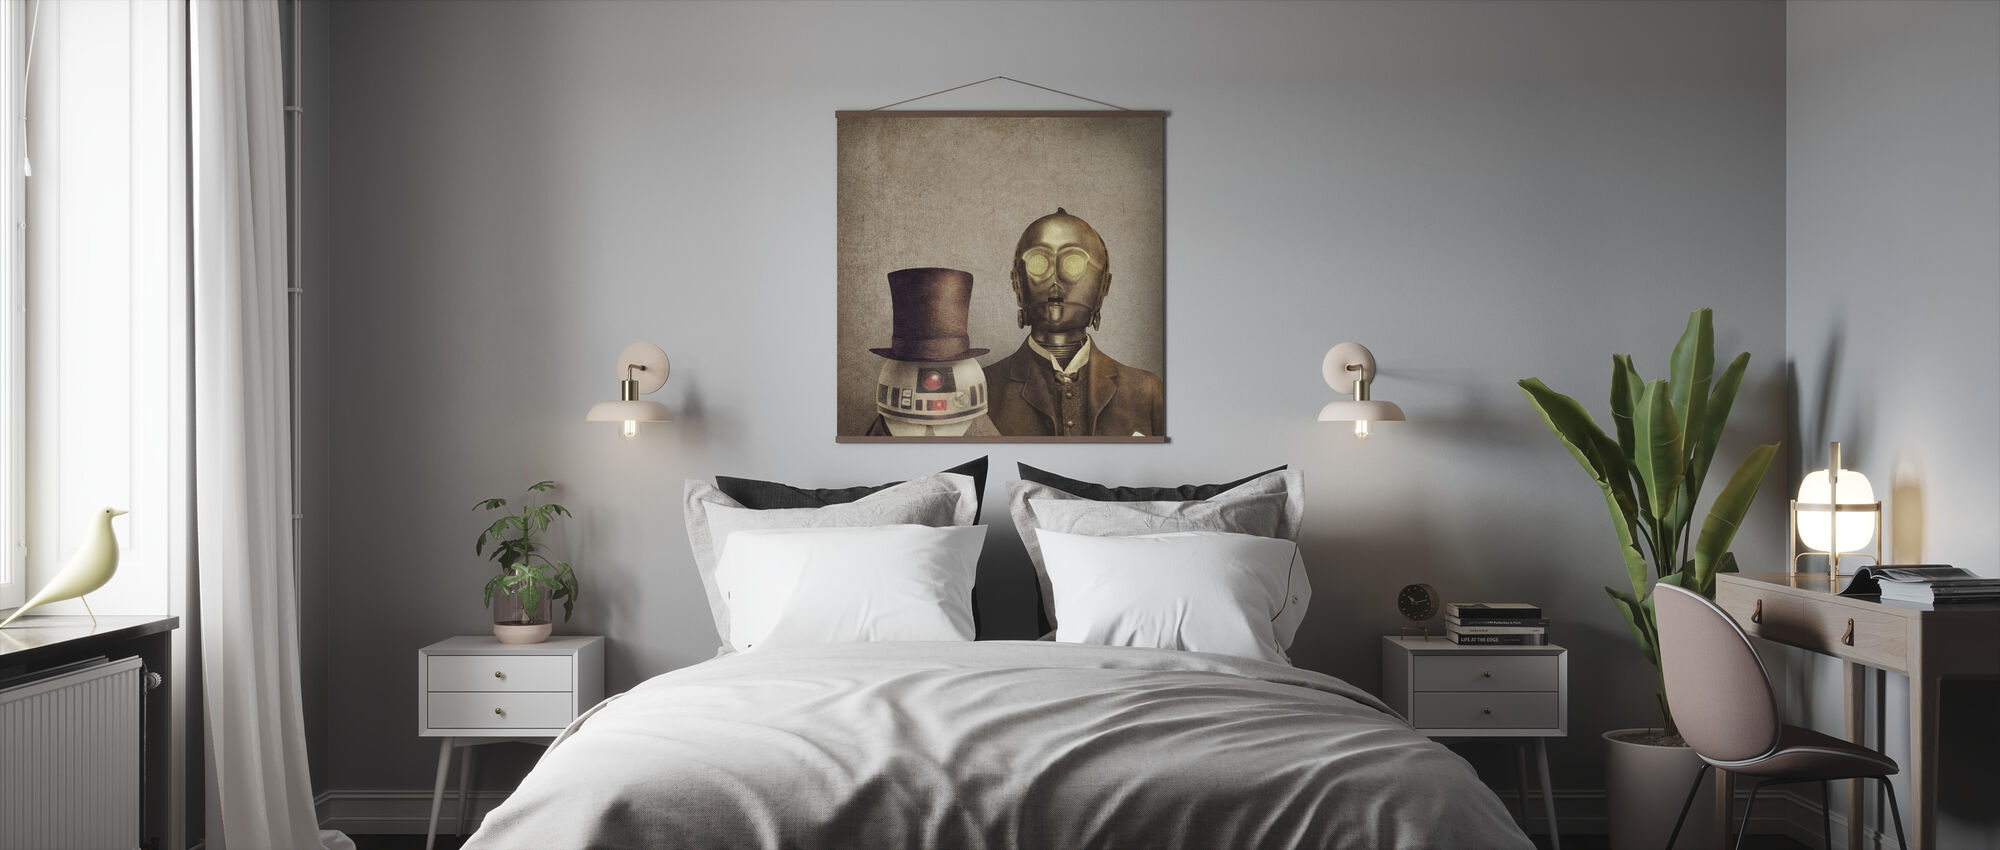 Victorian Robots - Poster - Bedroom